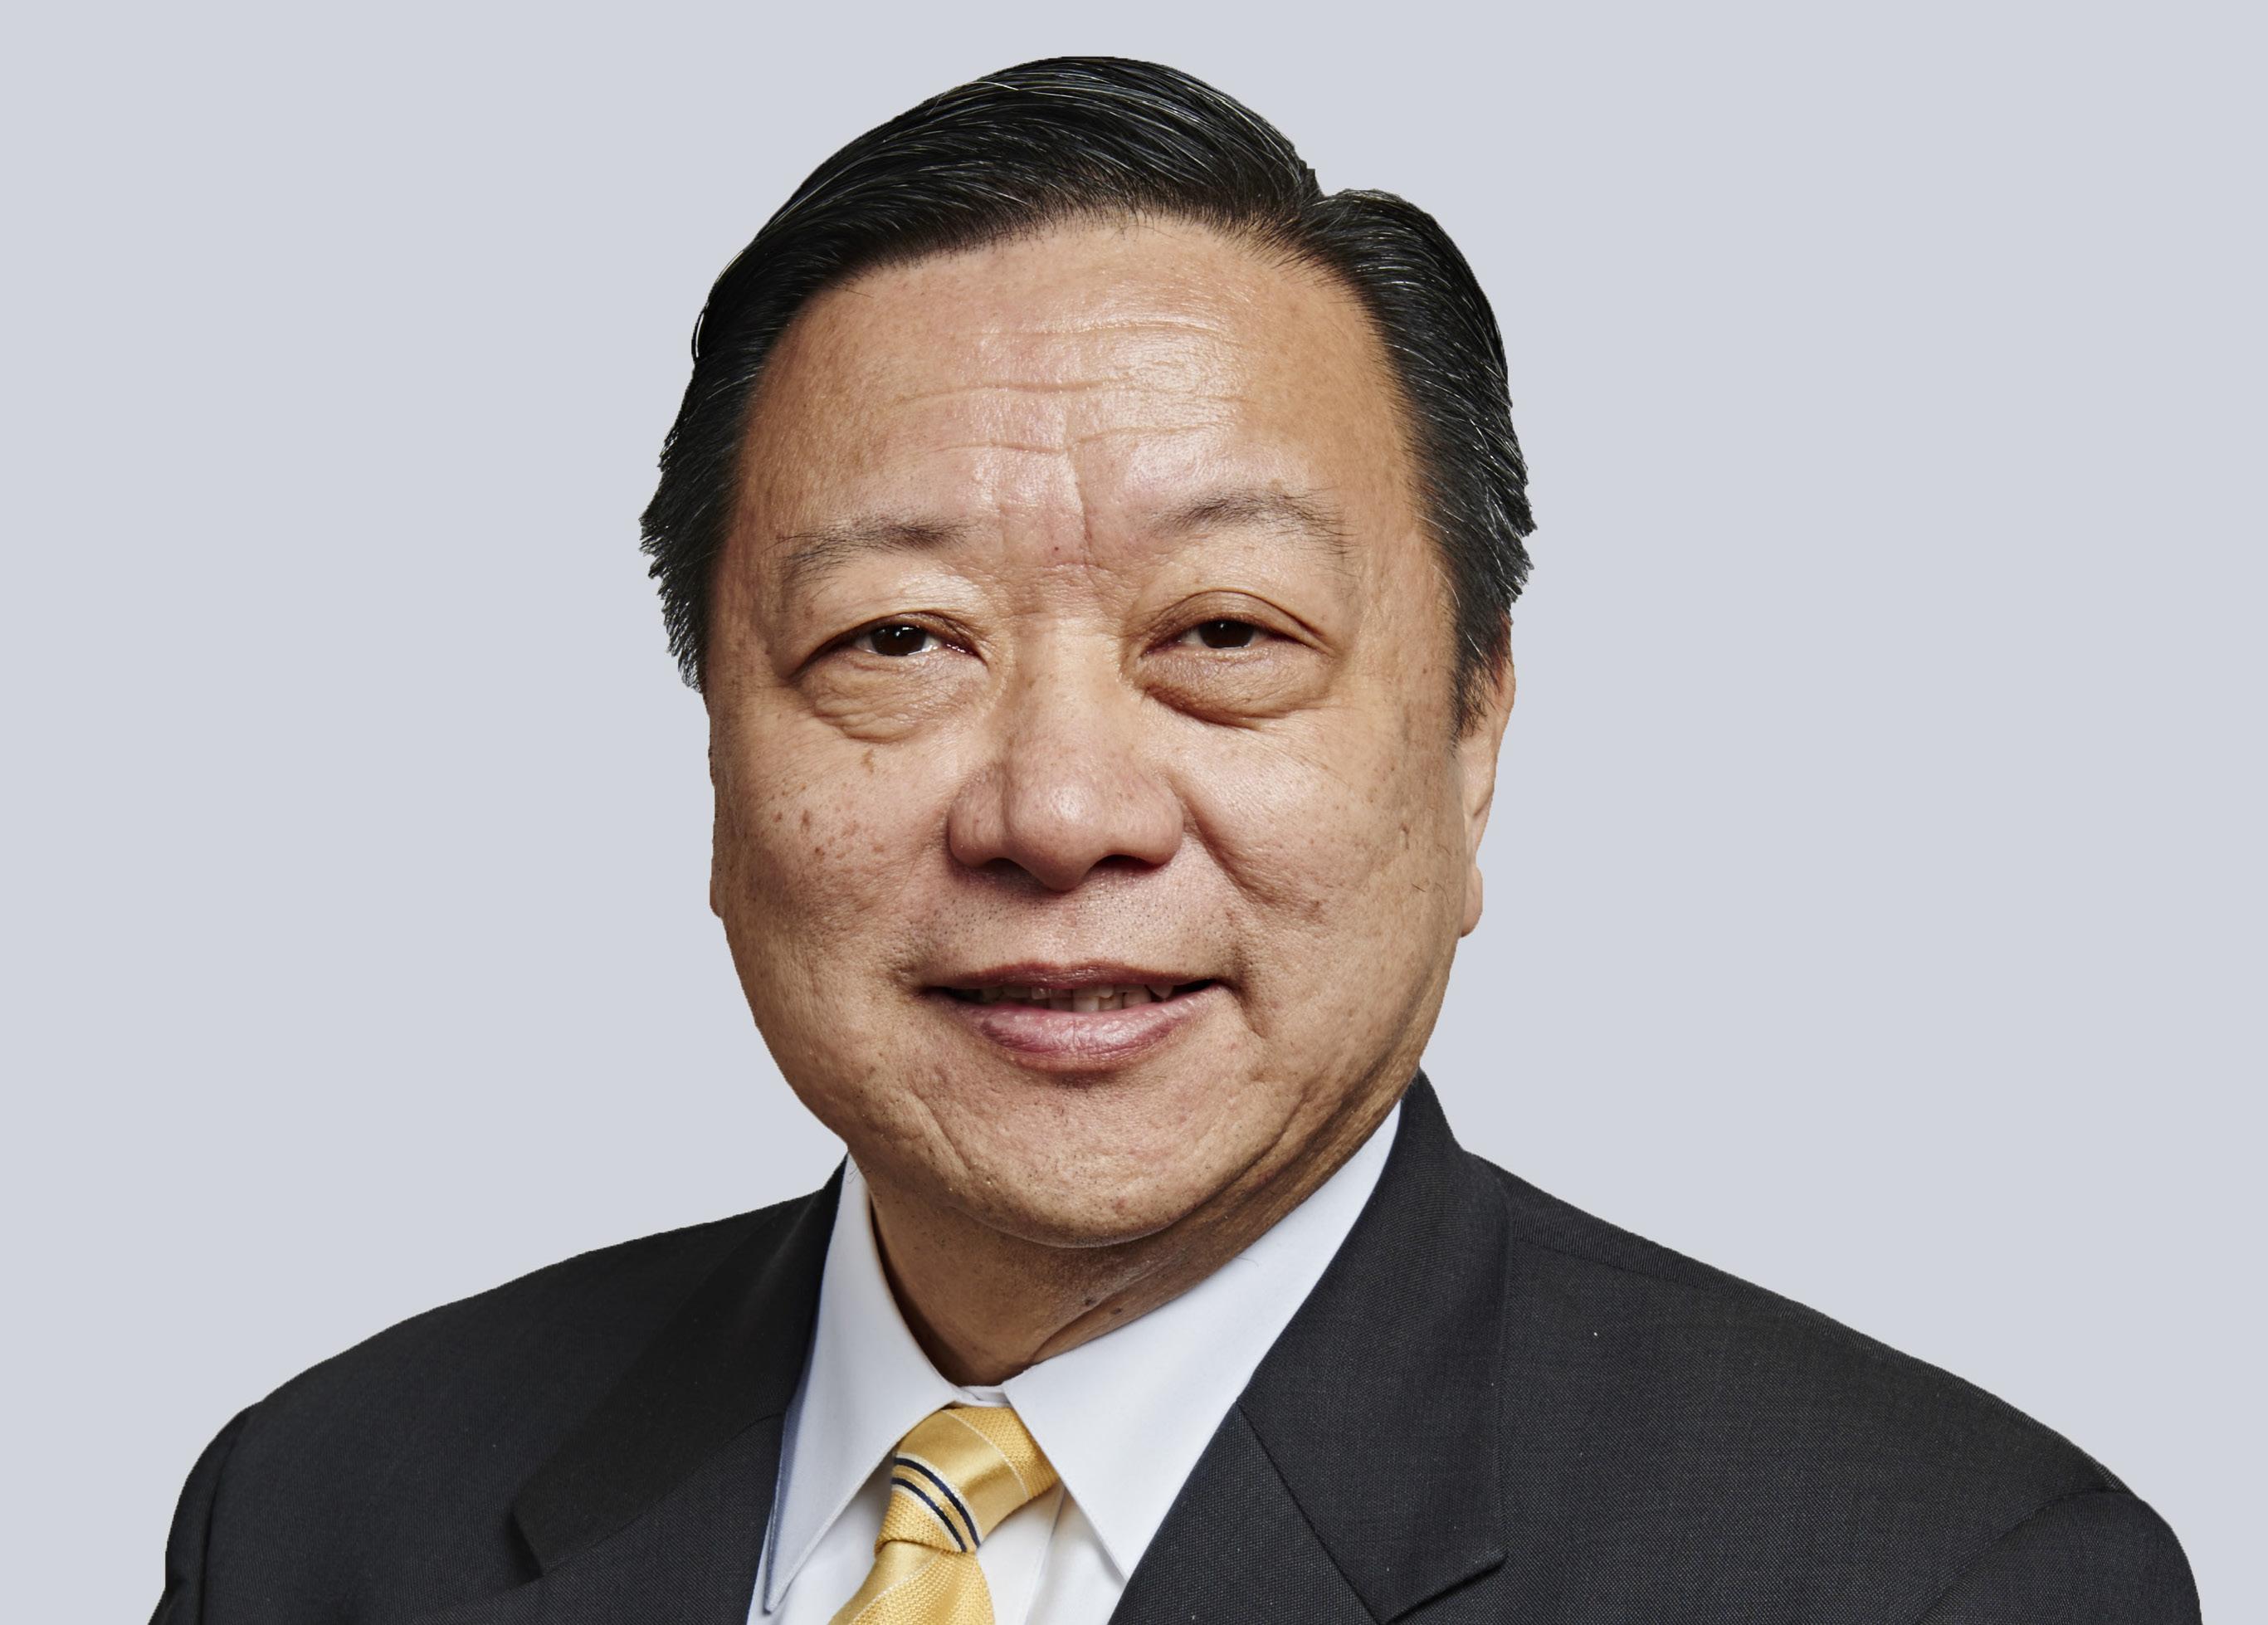 Tse Sang Lee